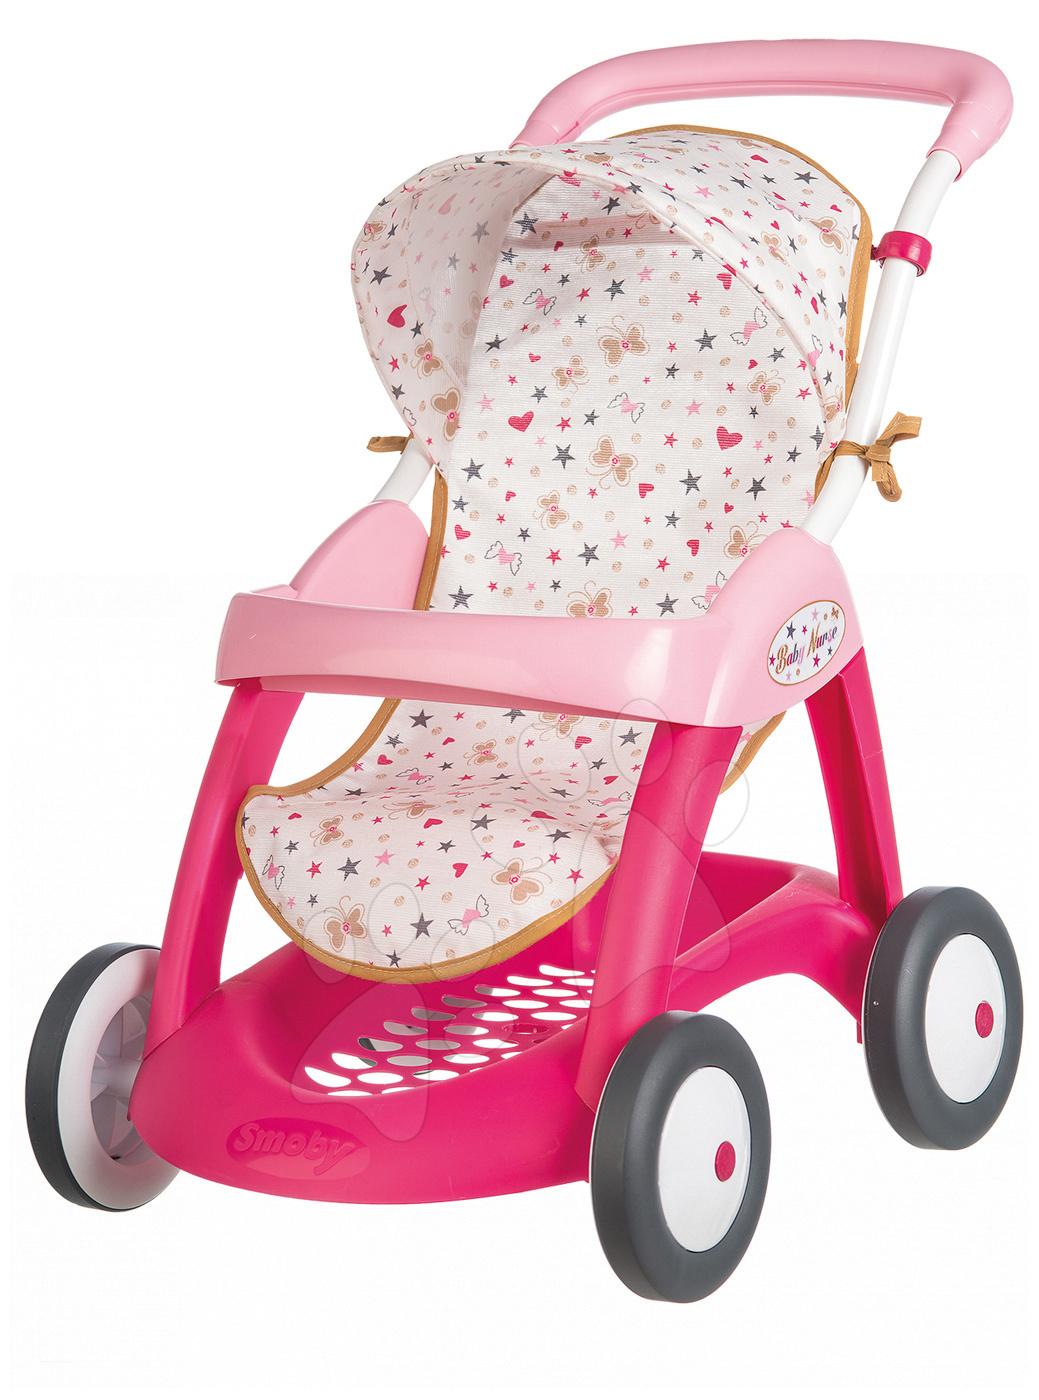 Smoby sportovní kočárek pro panenku Baby Nurse 251023 růžový